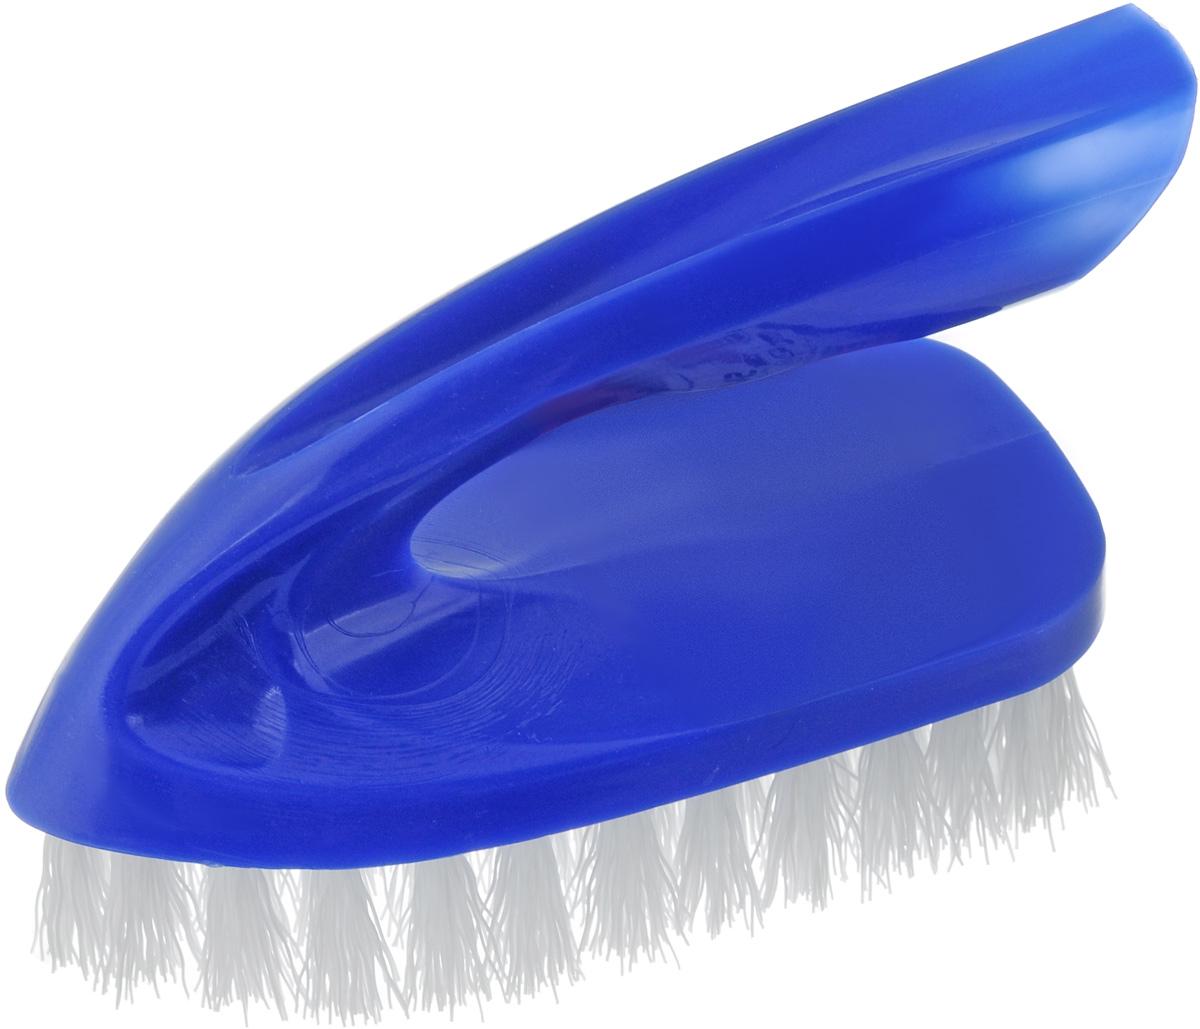 Щетка для одежды Svip Утюжок Макси. Классика, цвет: синий, 13 х 6 х 8,5 смSV3099СНЩетка Svip Утюжок Макси. Классика изготовлена из высокопрочного пластика и предназначена для удаления ворсинок, волос, пыли и шерсти животных, с различных поверхностей. Может использоваться для мягкой мебели и салона автомобиля. Ручка, расположенная сверху, сделана как у утюжка, обеспечивает удобство при работе с ней. Щетина средней жесткости не повреждает поверхность. Благодаря качественной щетине, щетка прослужит долгое время. Щетка Svip Утюжок Макси. Классика, станет незаменимым аксессуаром в вашем доме или автомобиле. Длина щетины: 2,5 см, Размер щетки: 13 х 6 х 8,5 см.